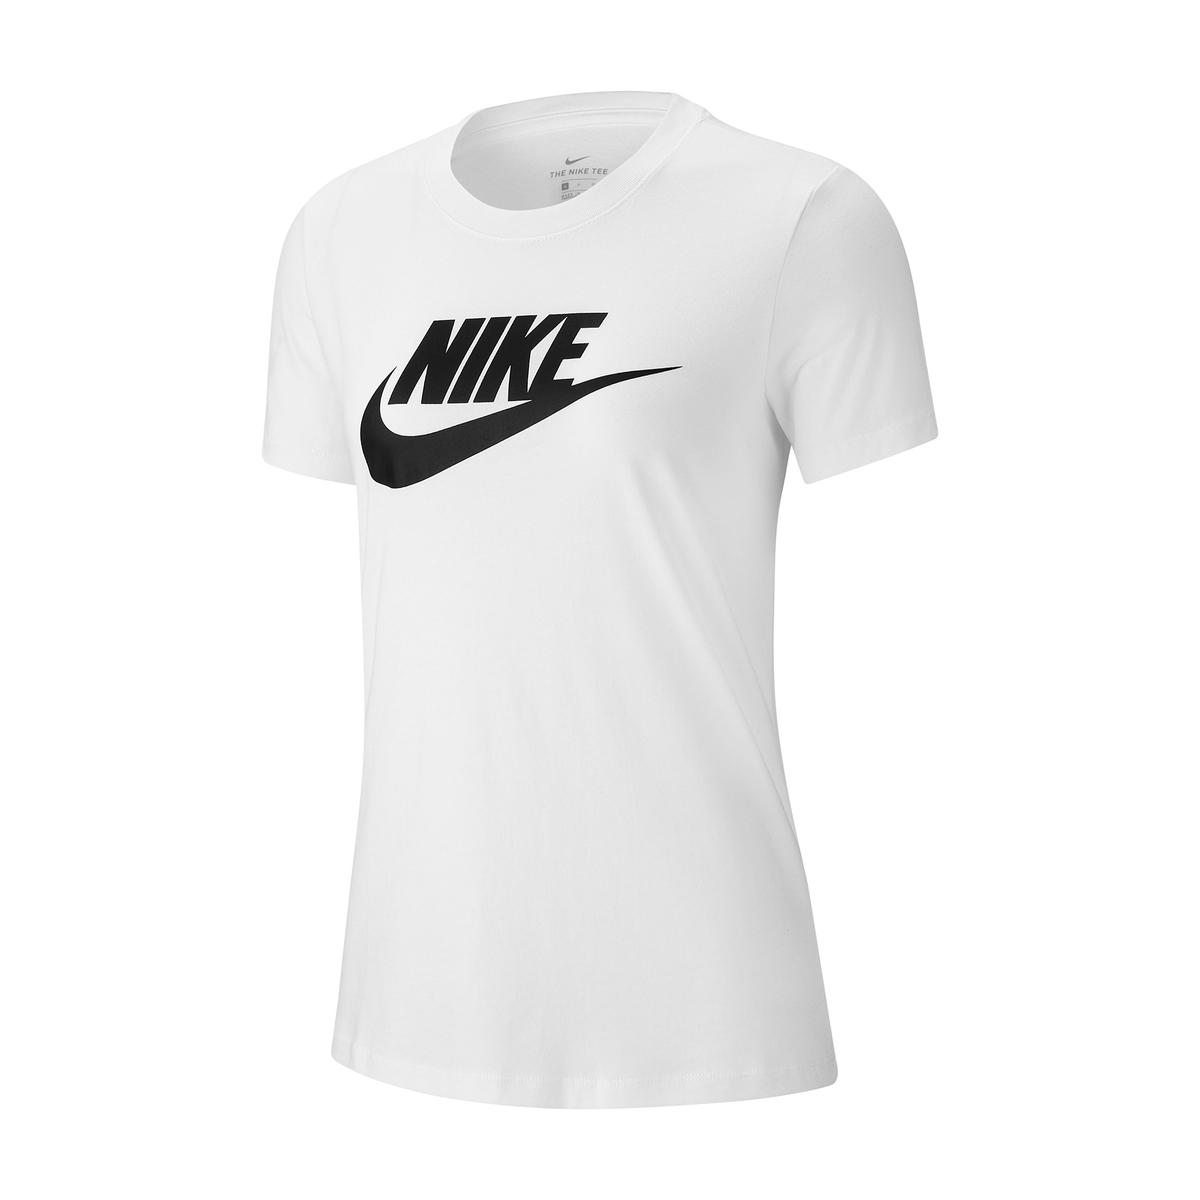 Imagen principal de producto de Camiseta Sportswear BV6169-100 - Nike